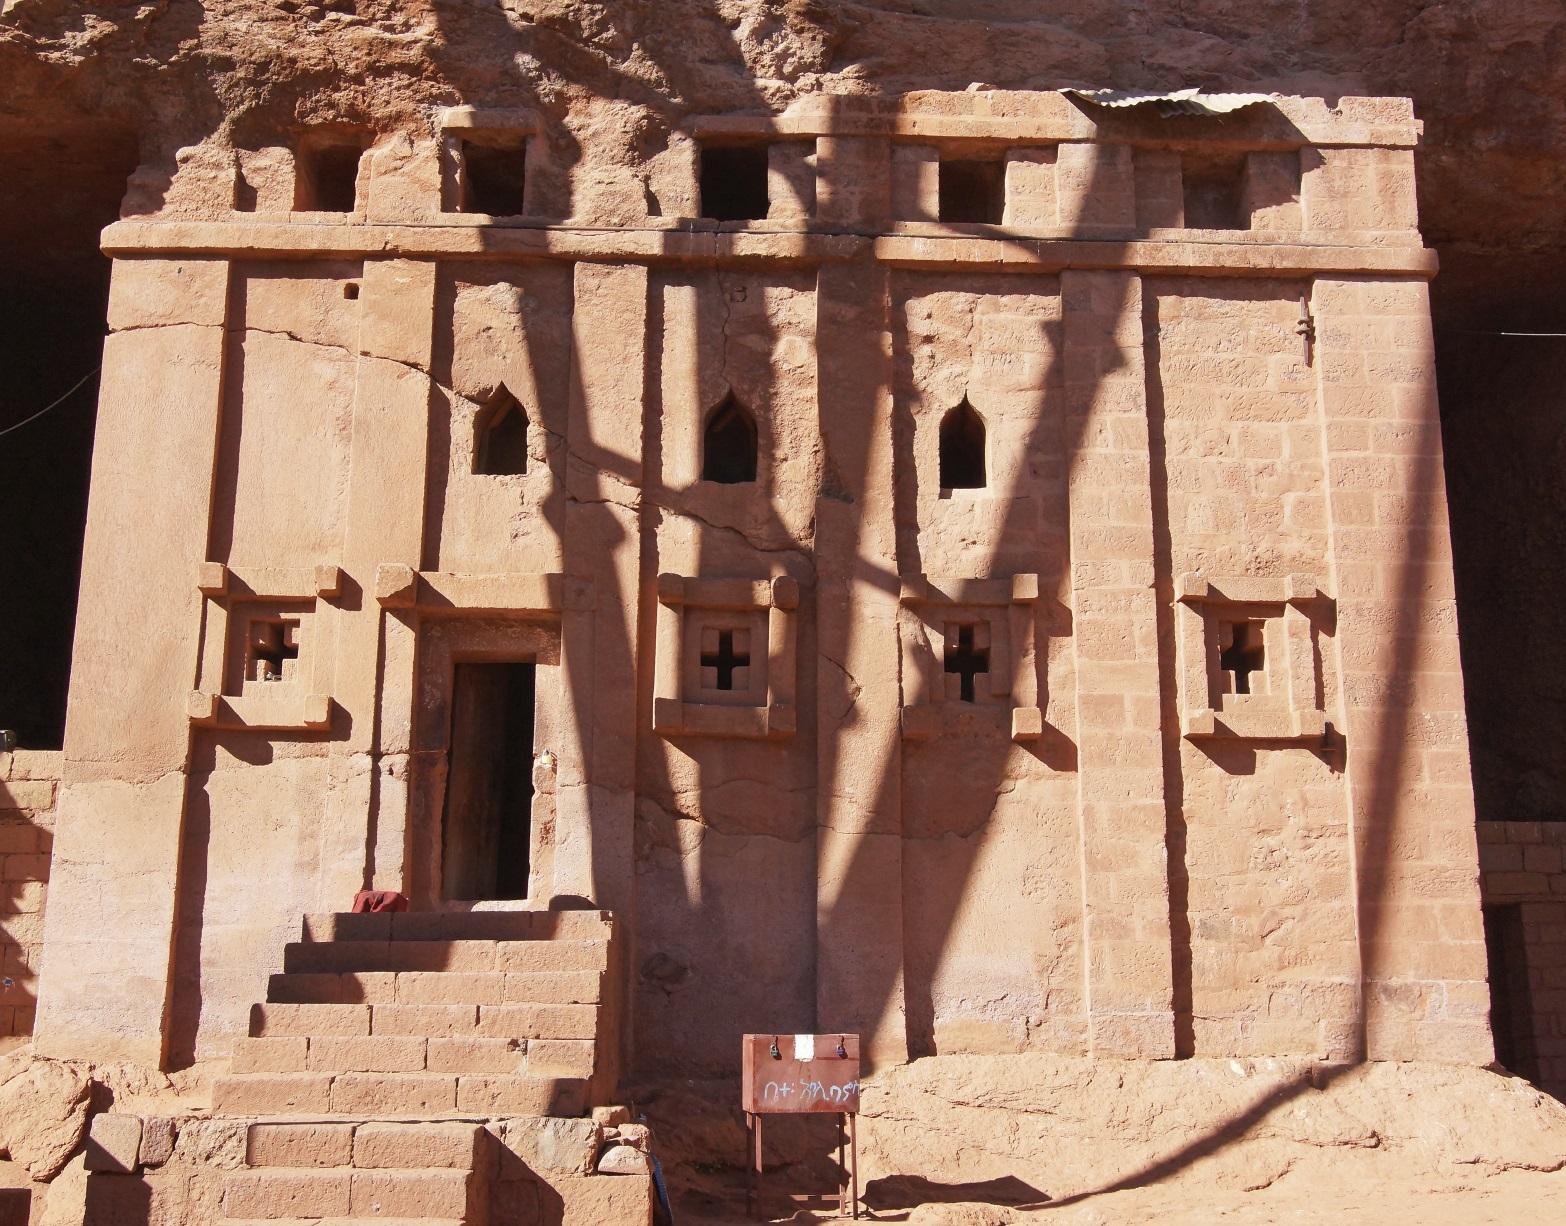 Monolithic church, Ethiopia, Africa